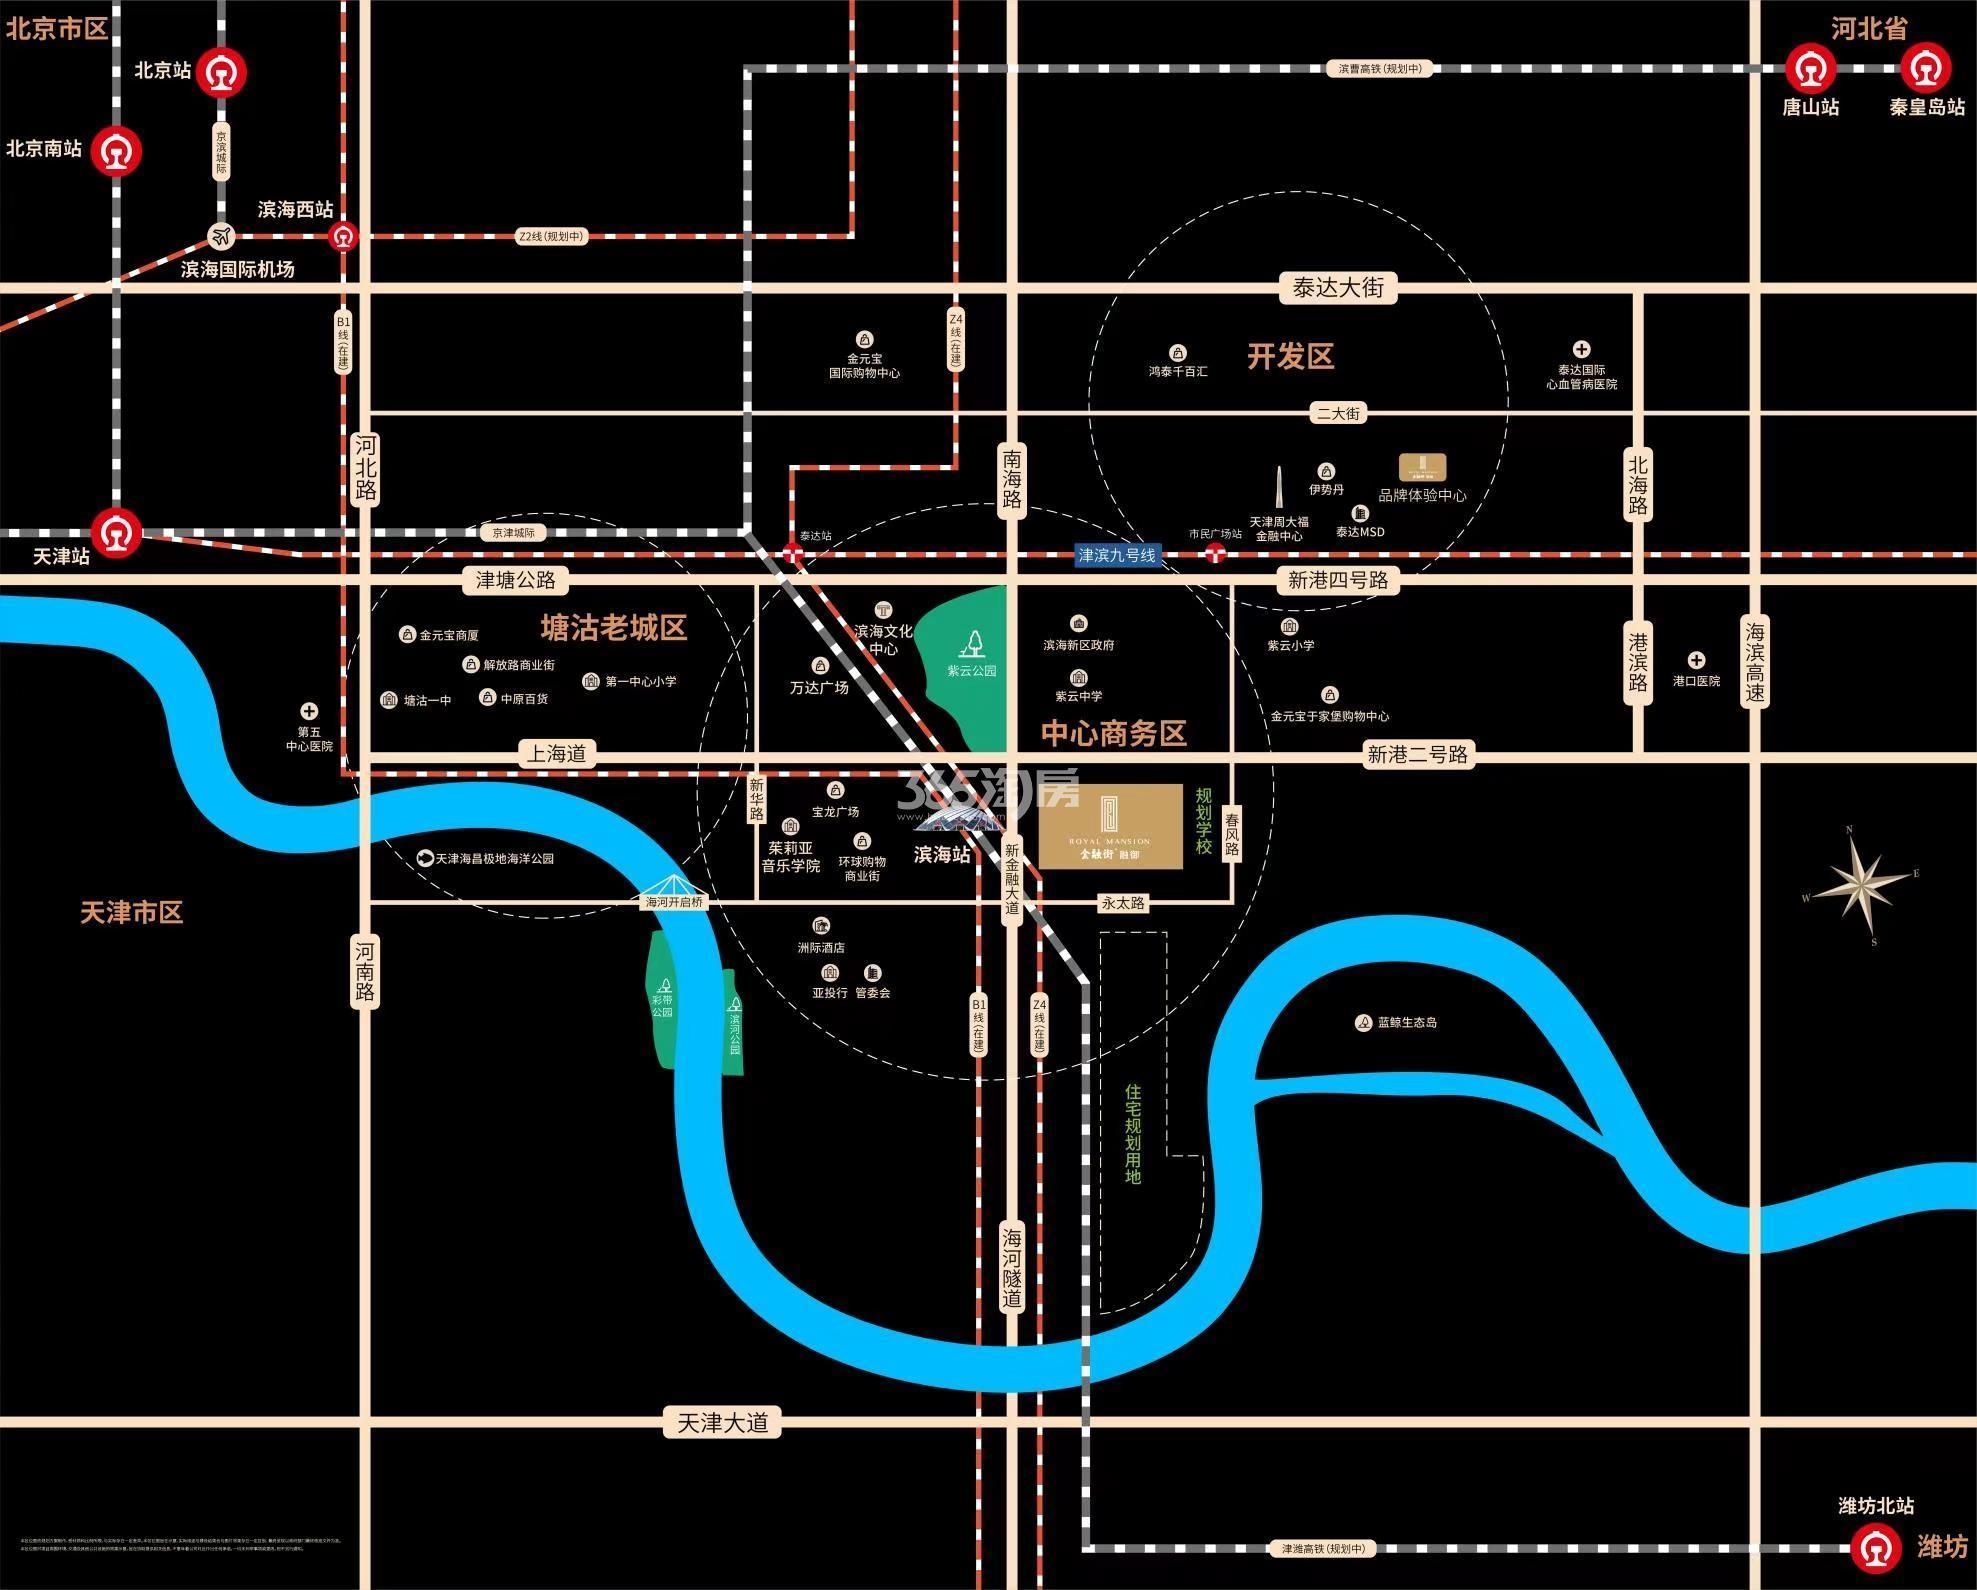 金融街·滨海融御交通图